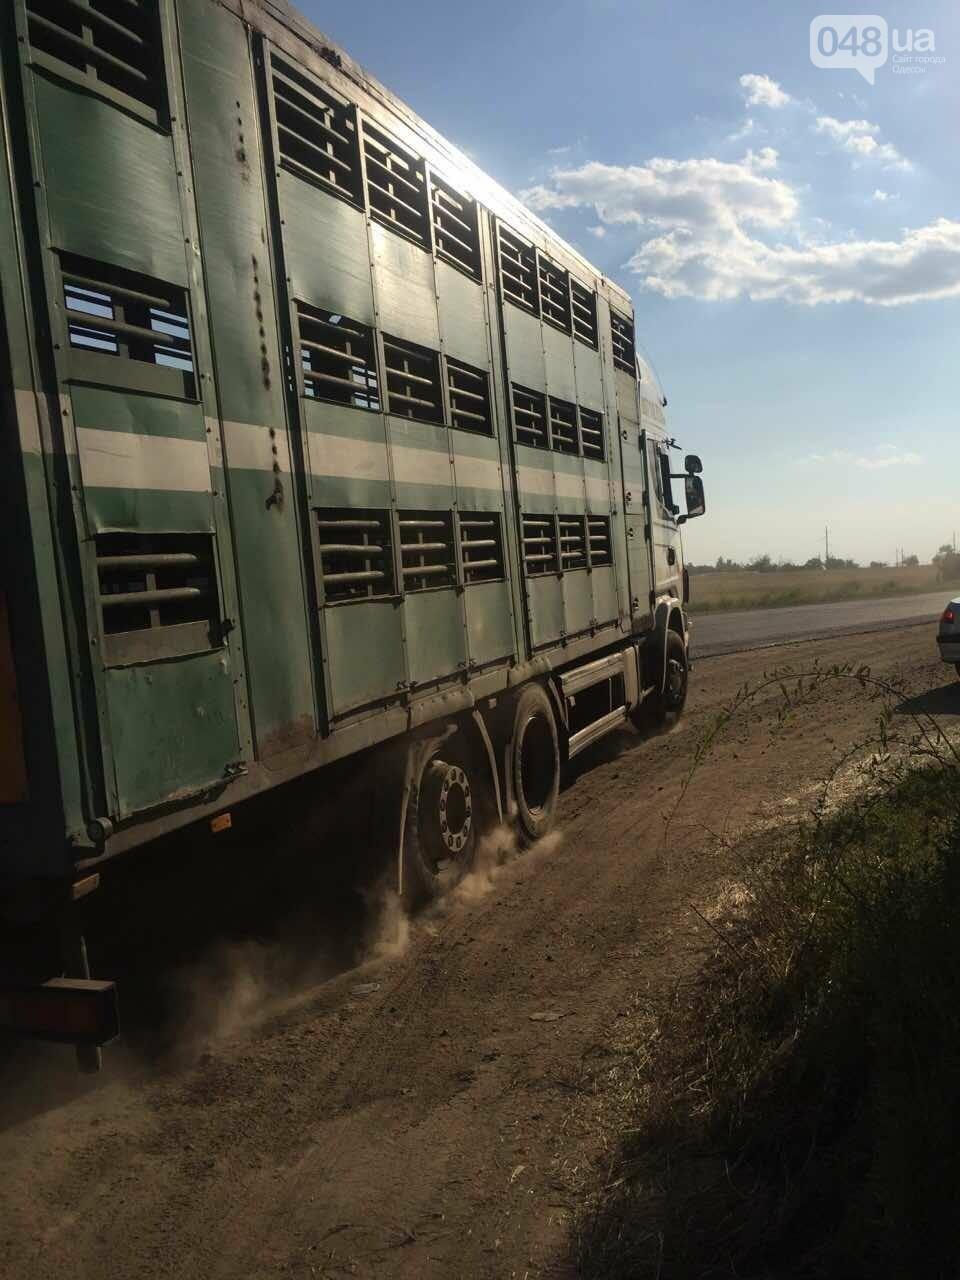 Из-за километров стоящих фур одесситы въезжают в город по полям (ФОТО), фото-3